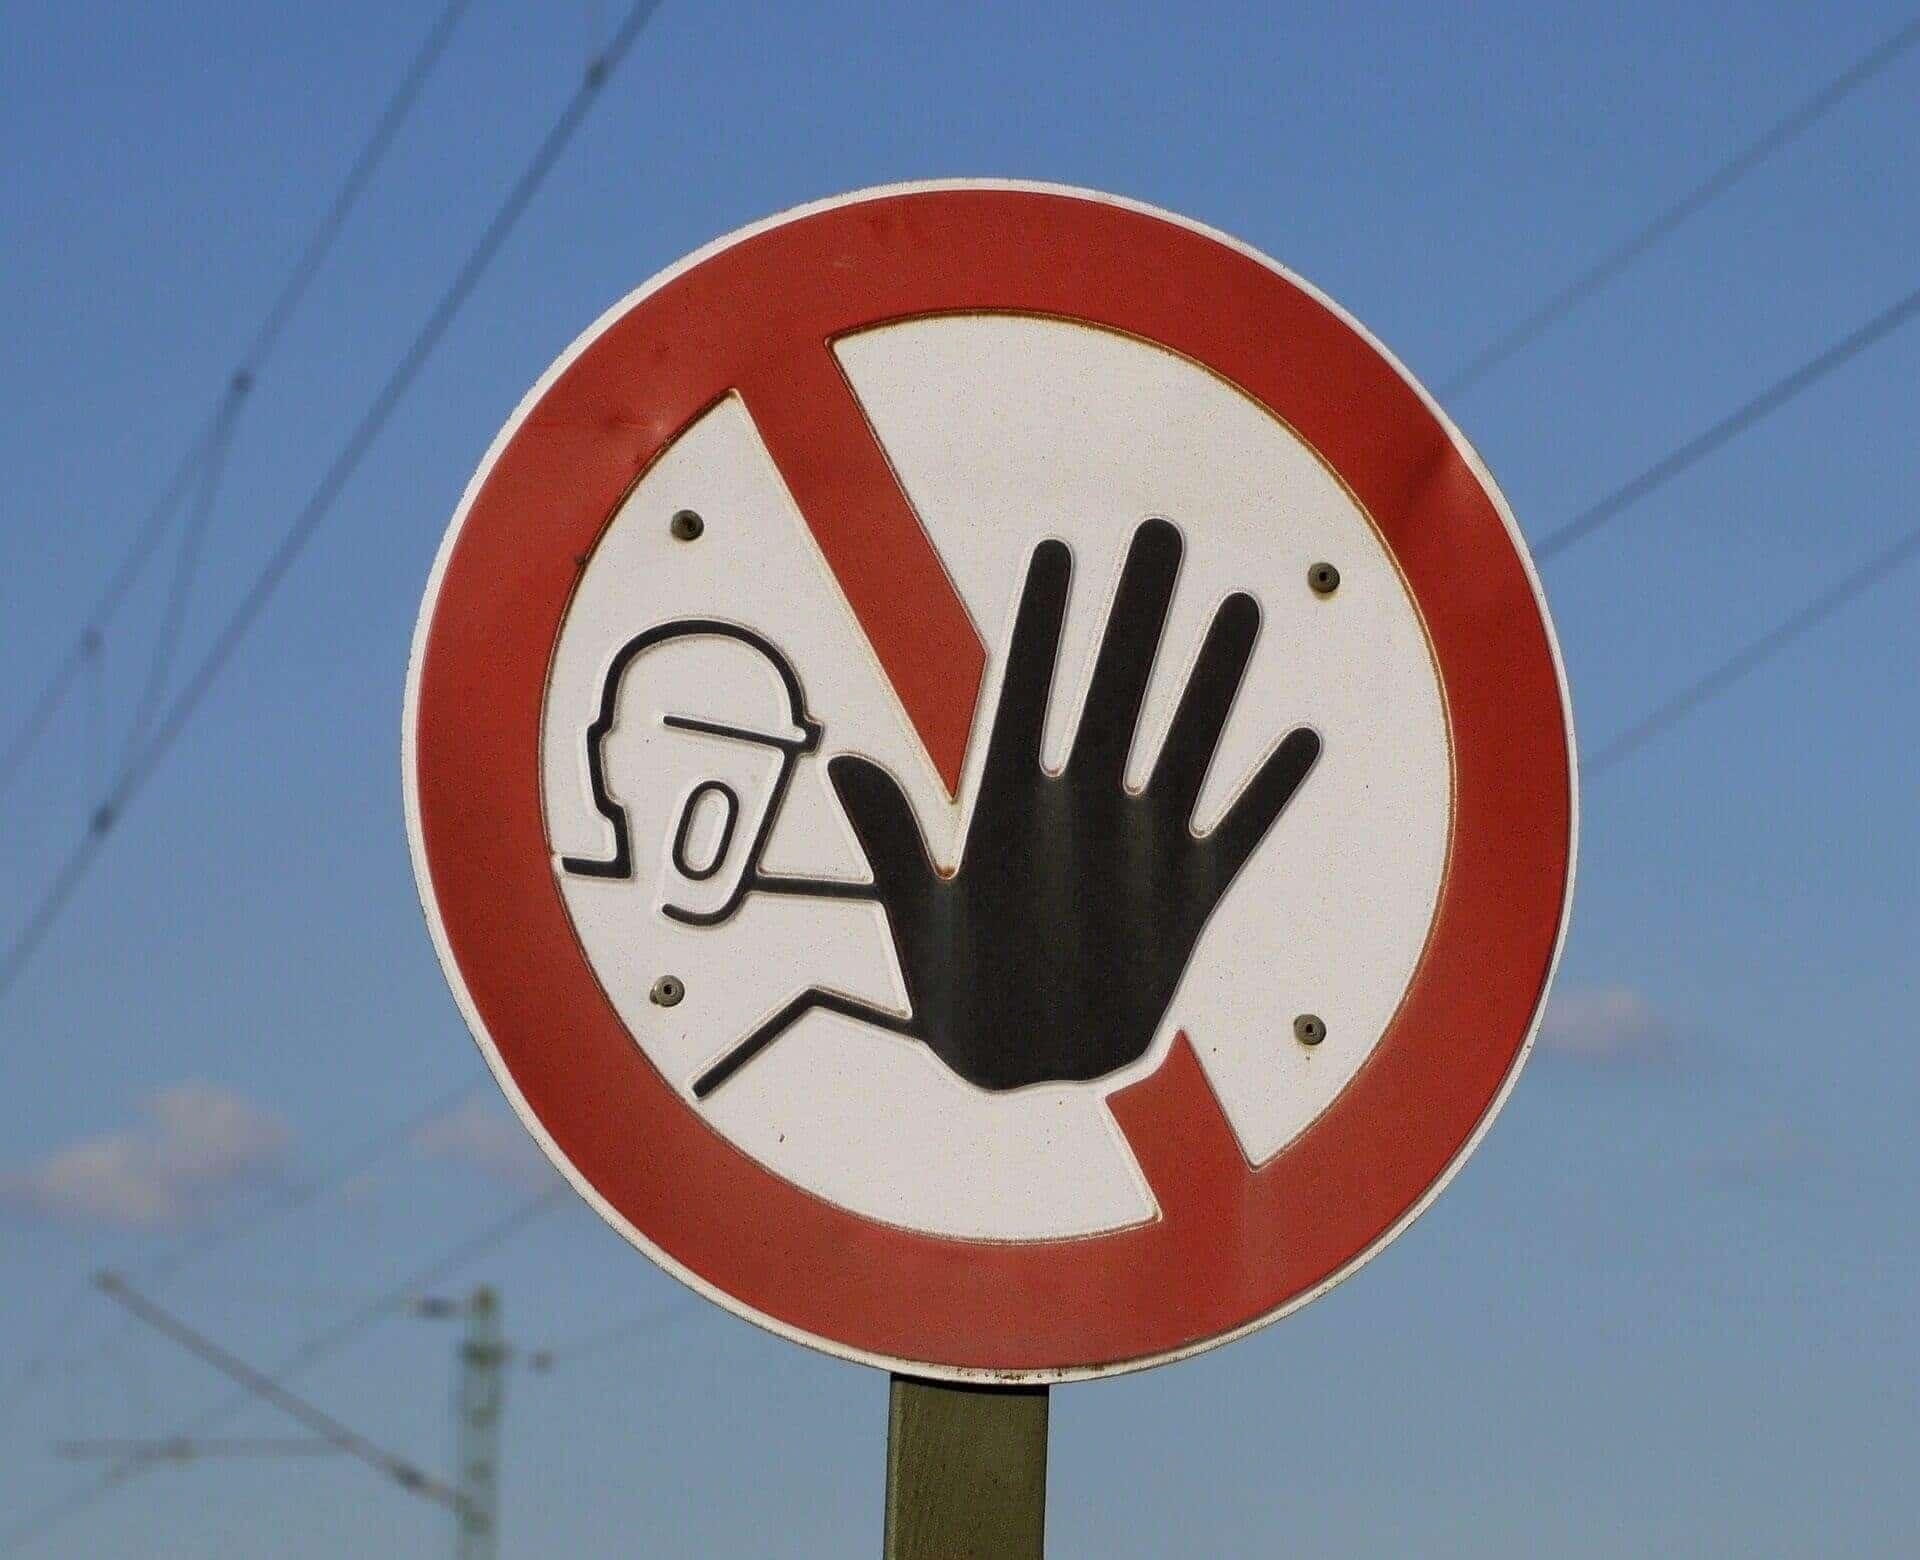 Foto donde se puede observar una mano que expresa un alto , haciendo similitud a que el seguro de hipoteca no es obligatorio